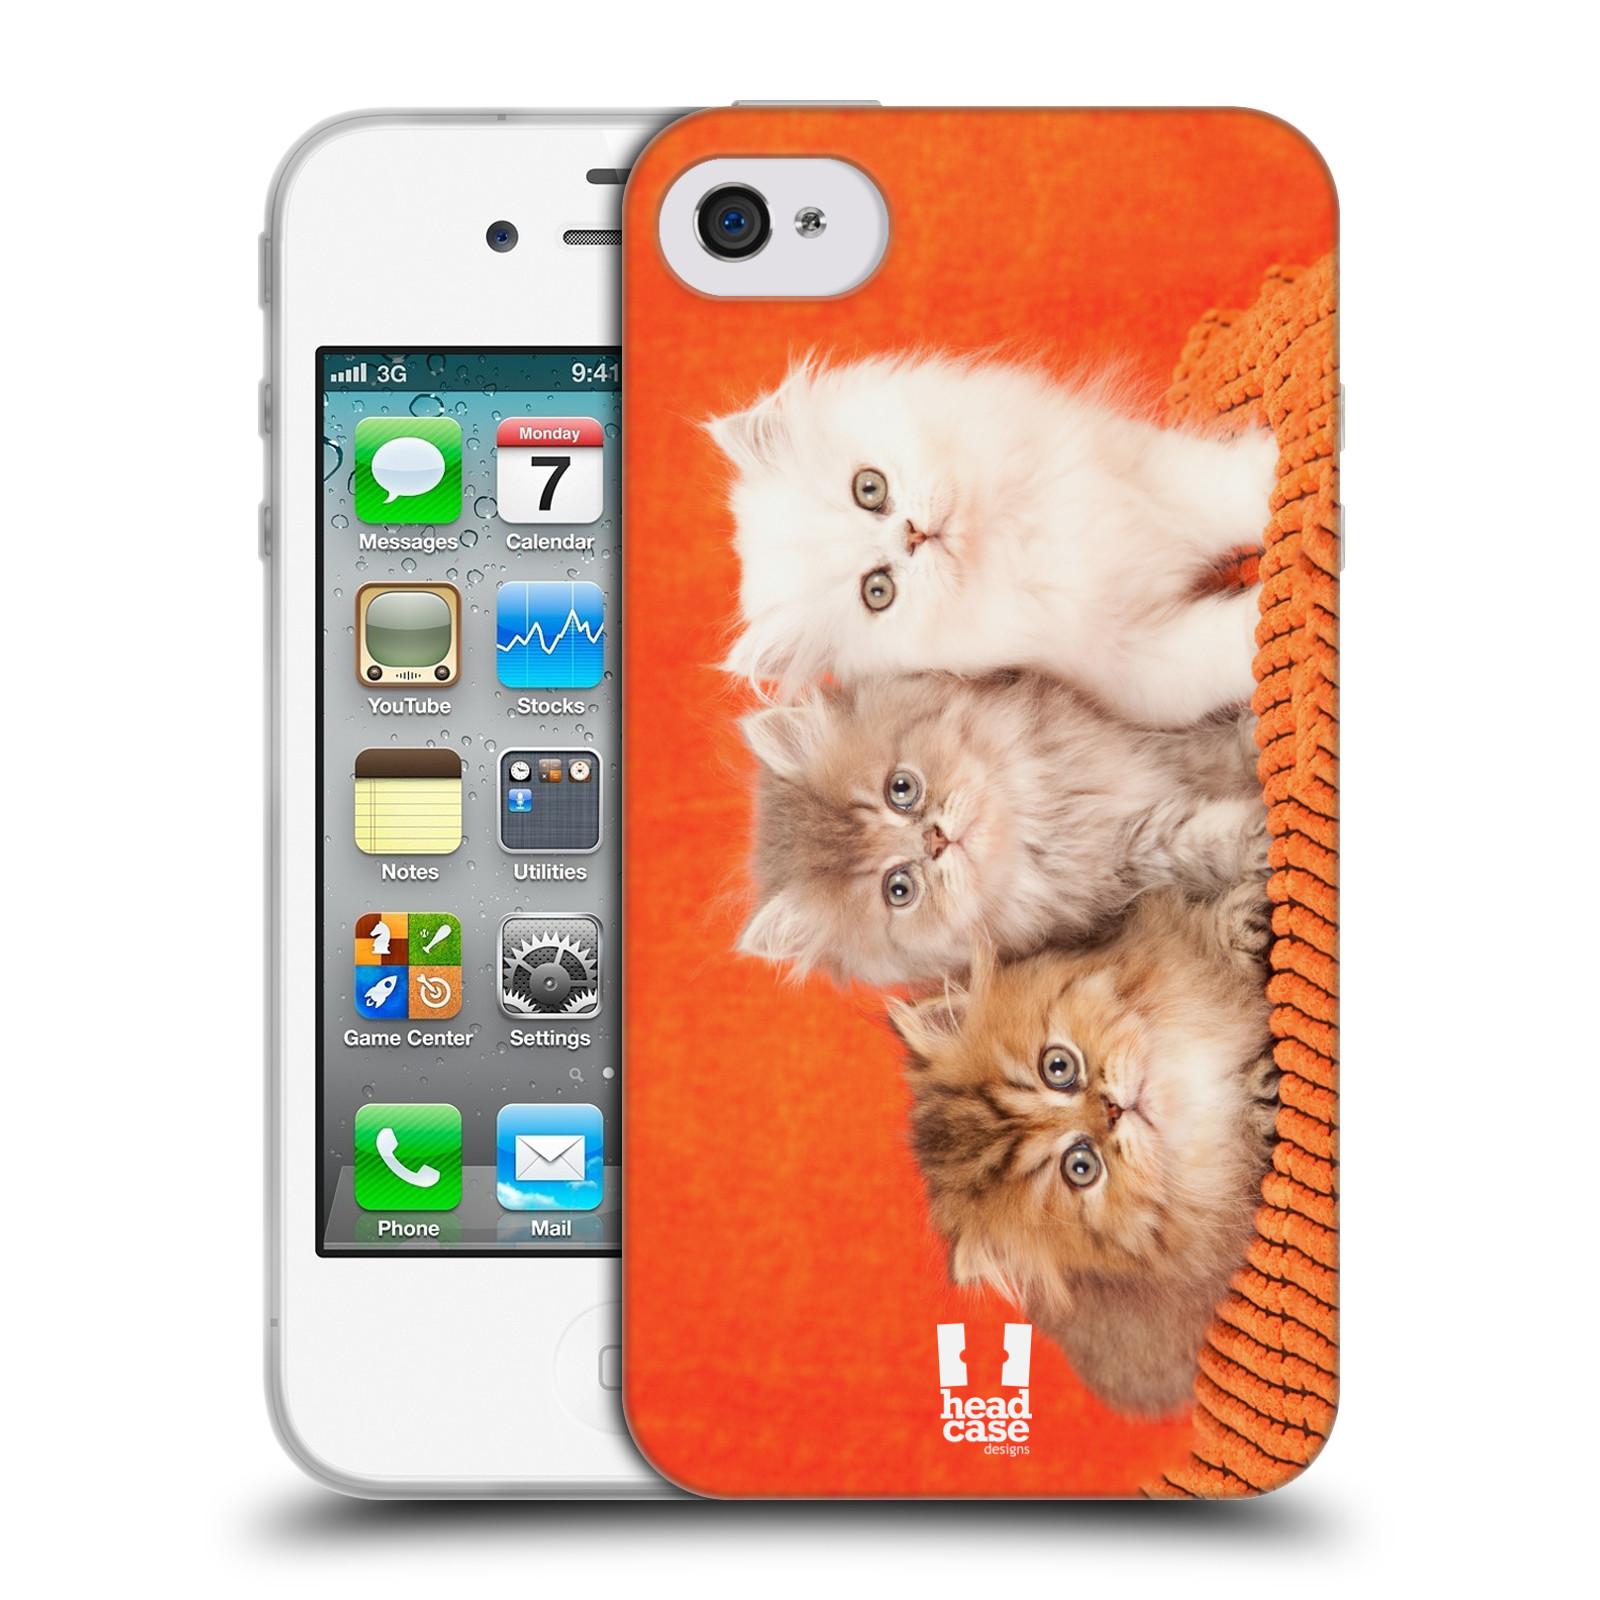 HEAD CASE silikonový obal na mobil Apple Iphone 4/4S vzor Kočičky koťata foto 3 kočky